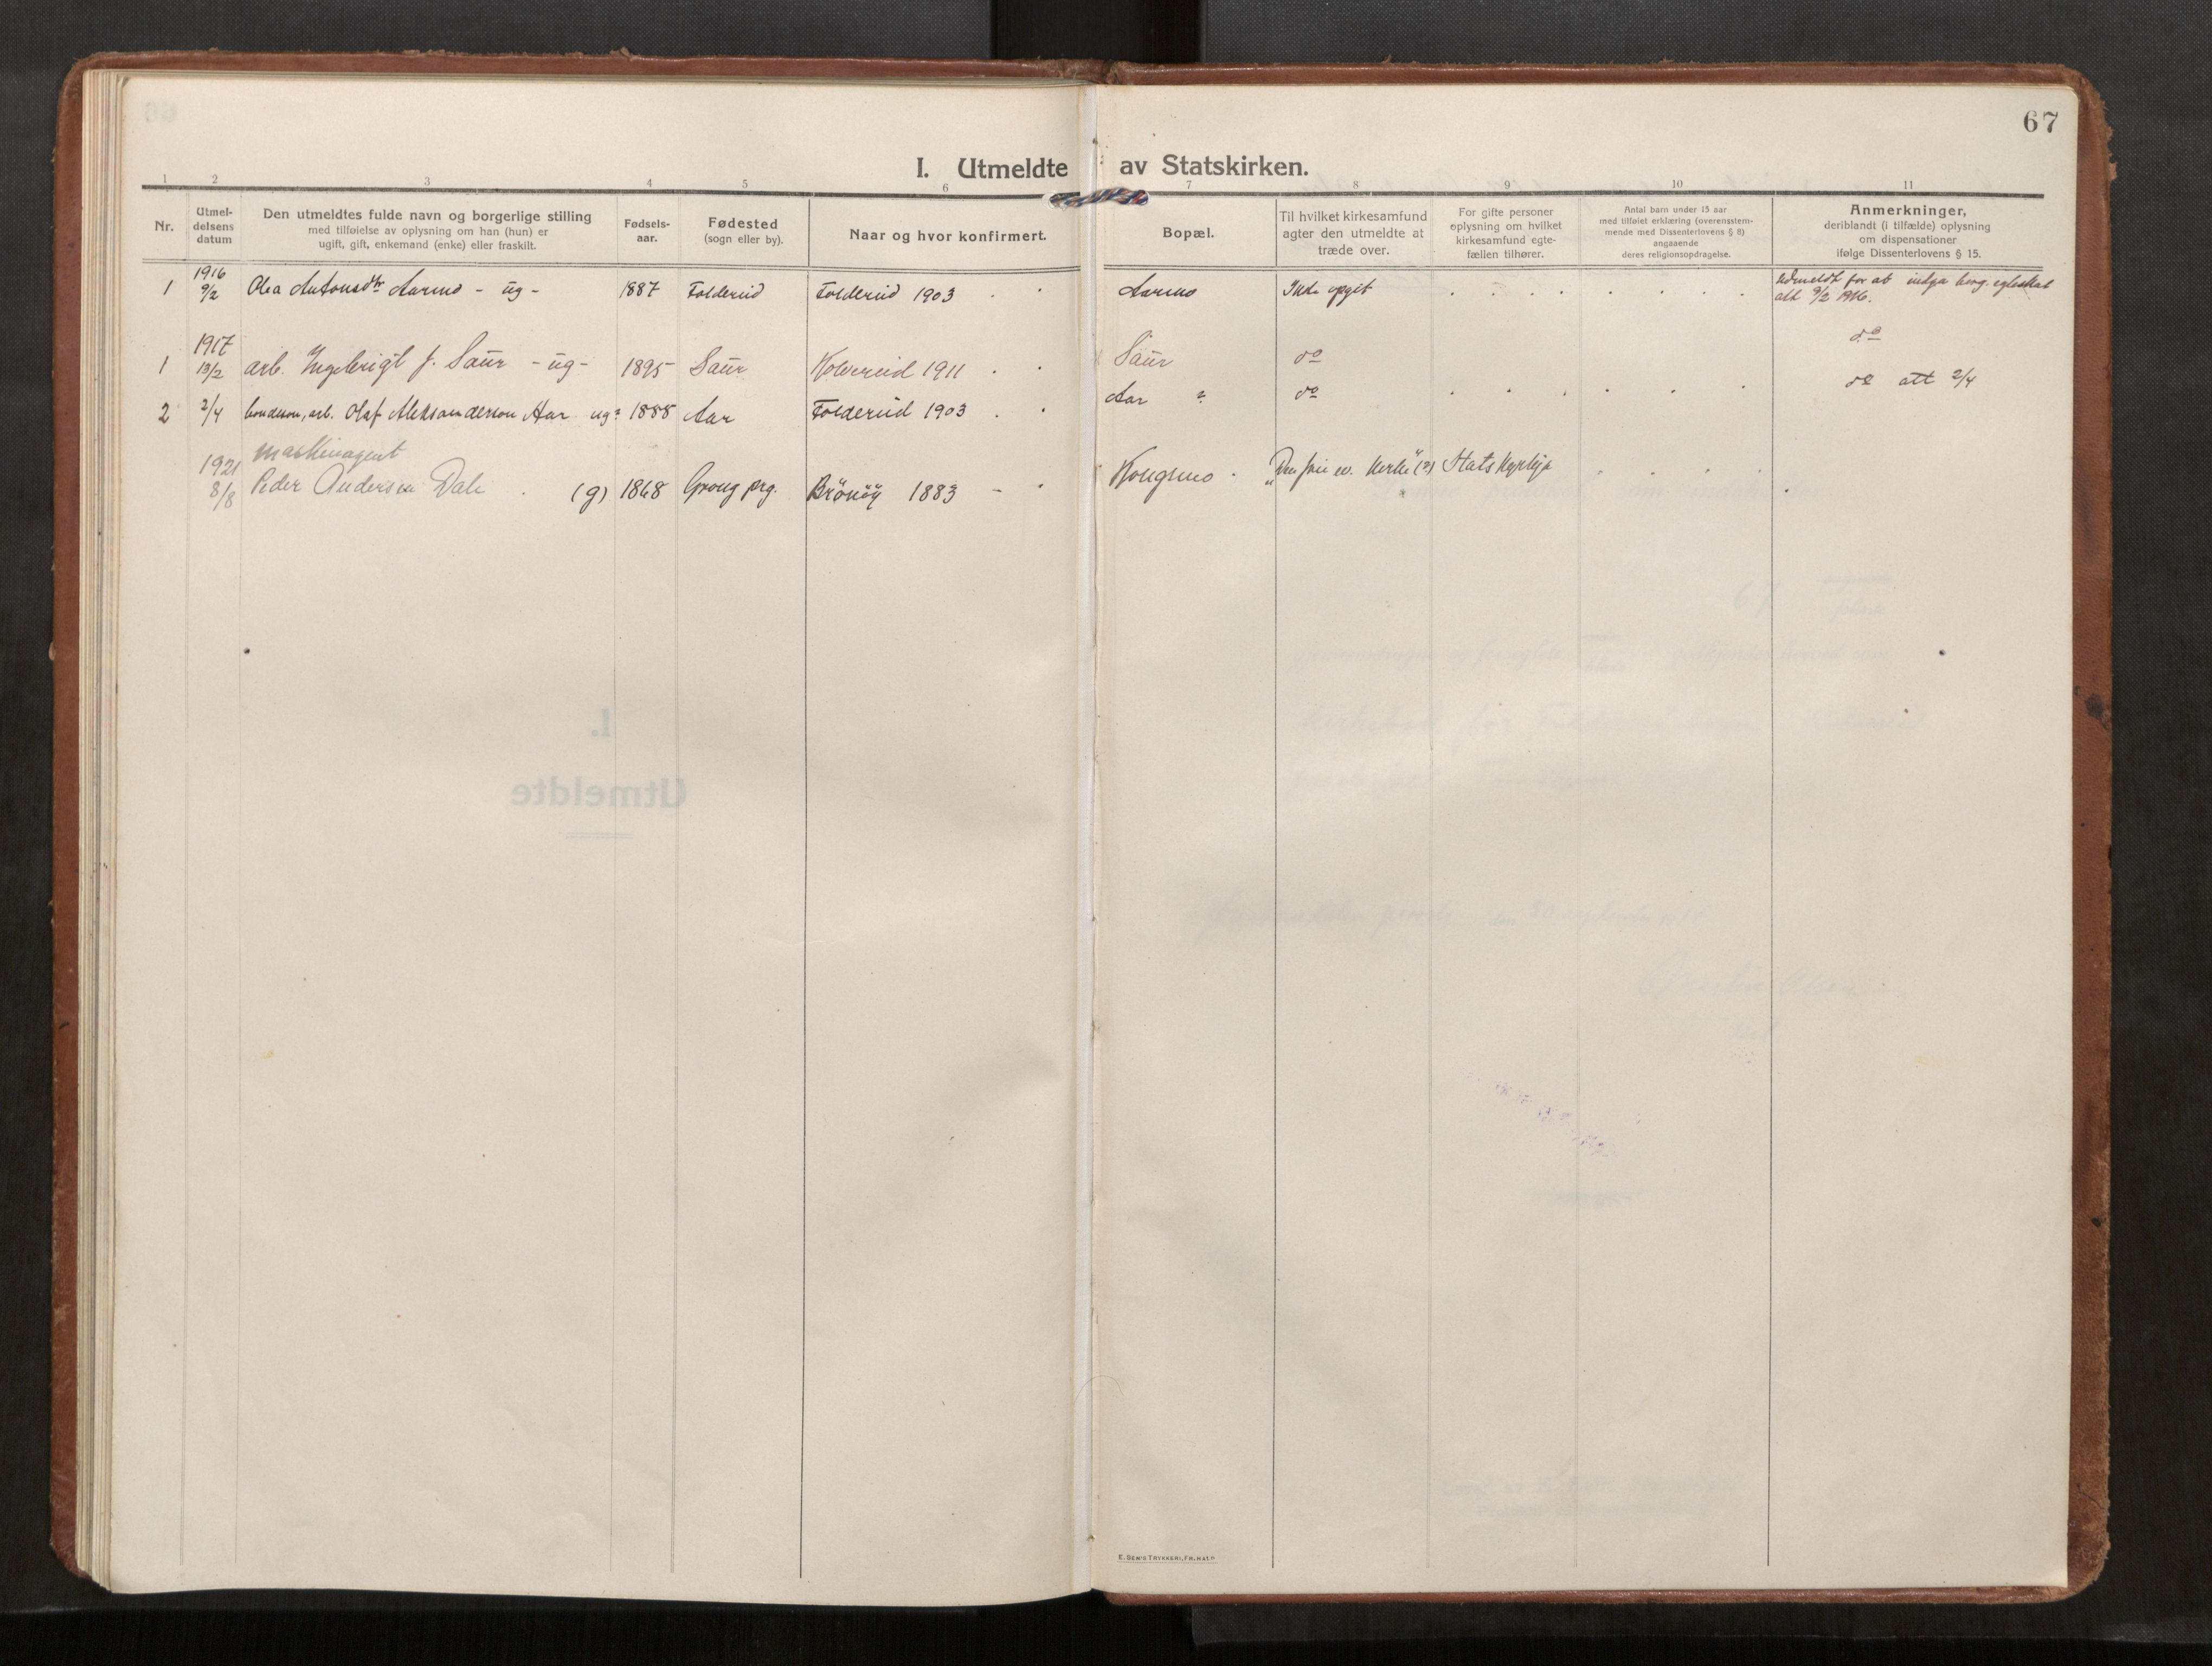 SAT, Kolvereid sokneprestkontor, H/Ha/Haa/L0002: Parish register (official) no. 2, 1914-1926, p. 67